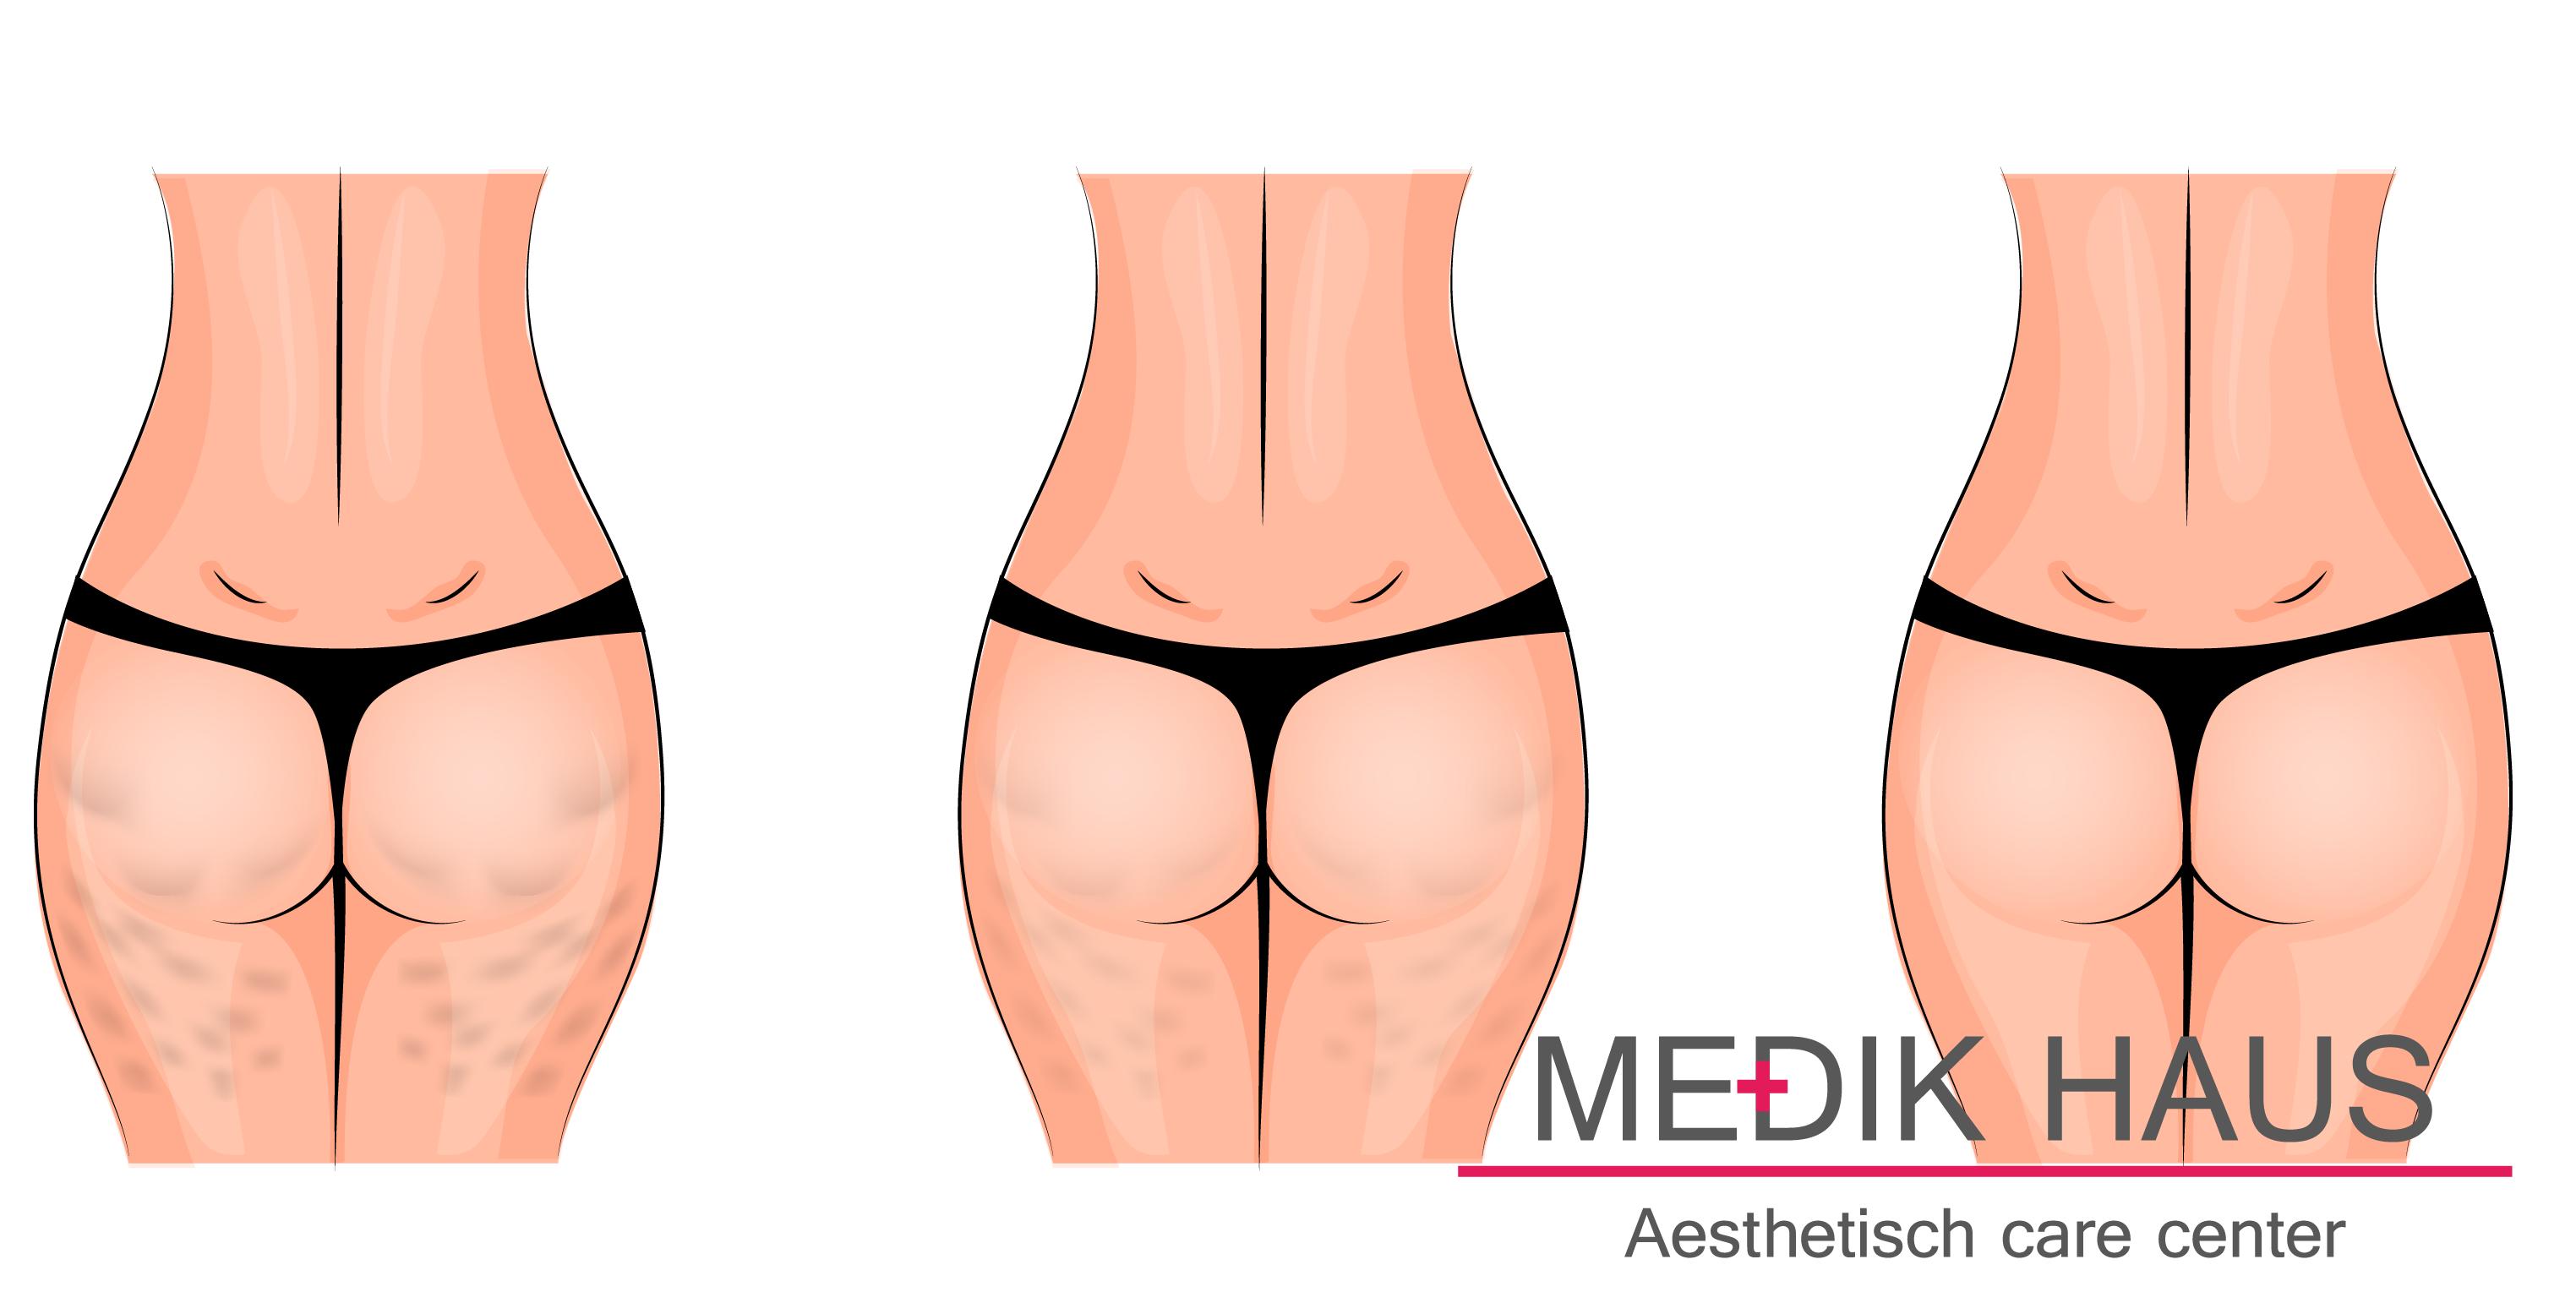 odstranění celulitidy s ameson cellulite probíhá bezbolestně a neinvazivně